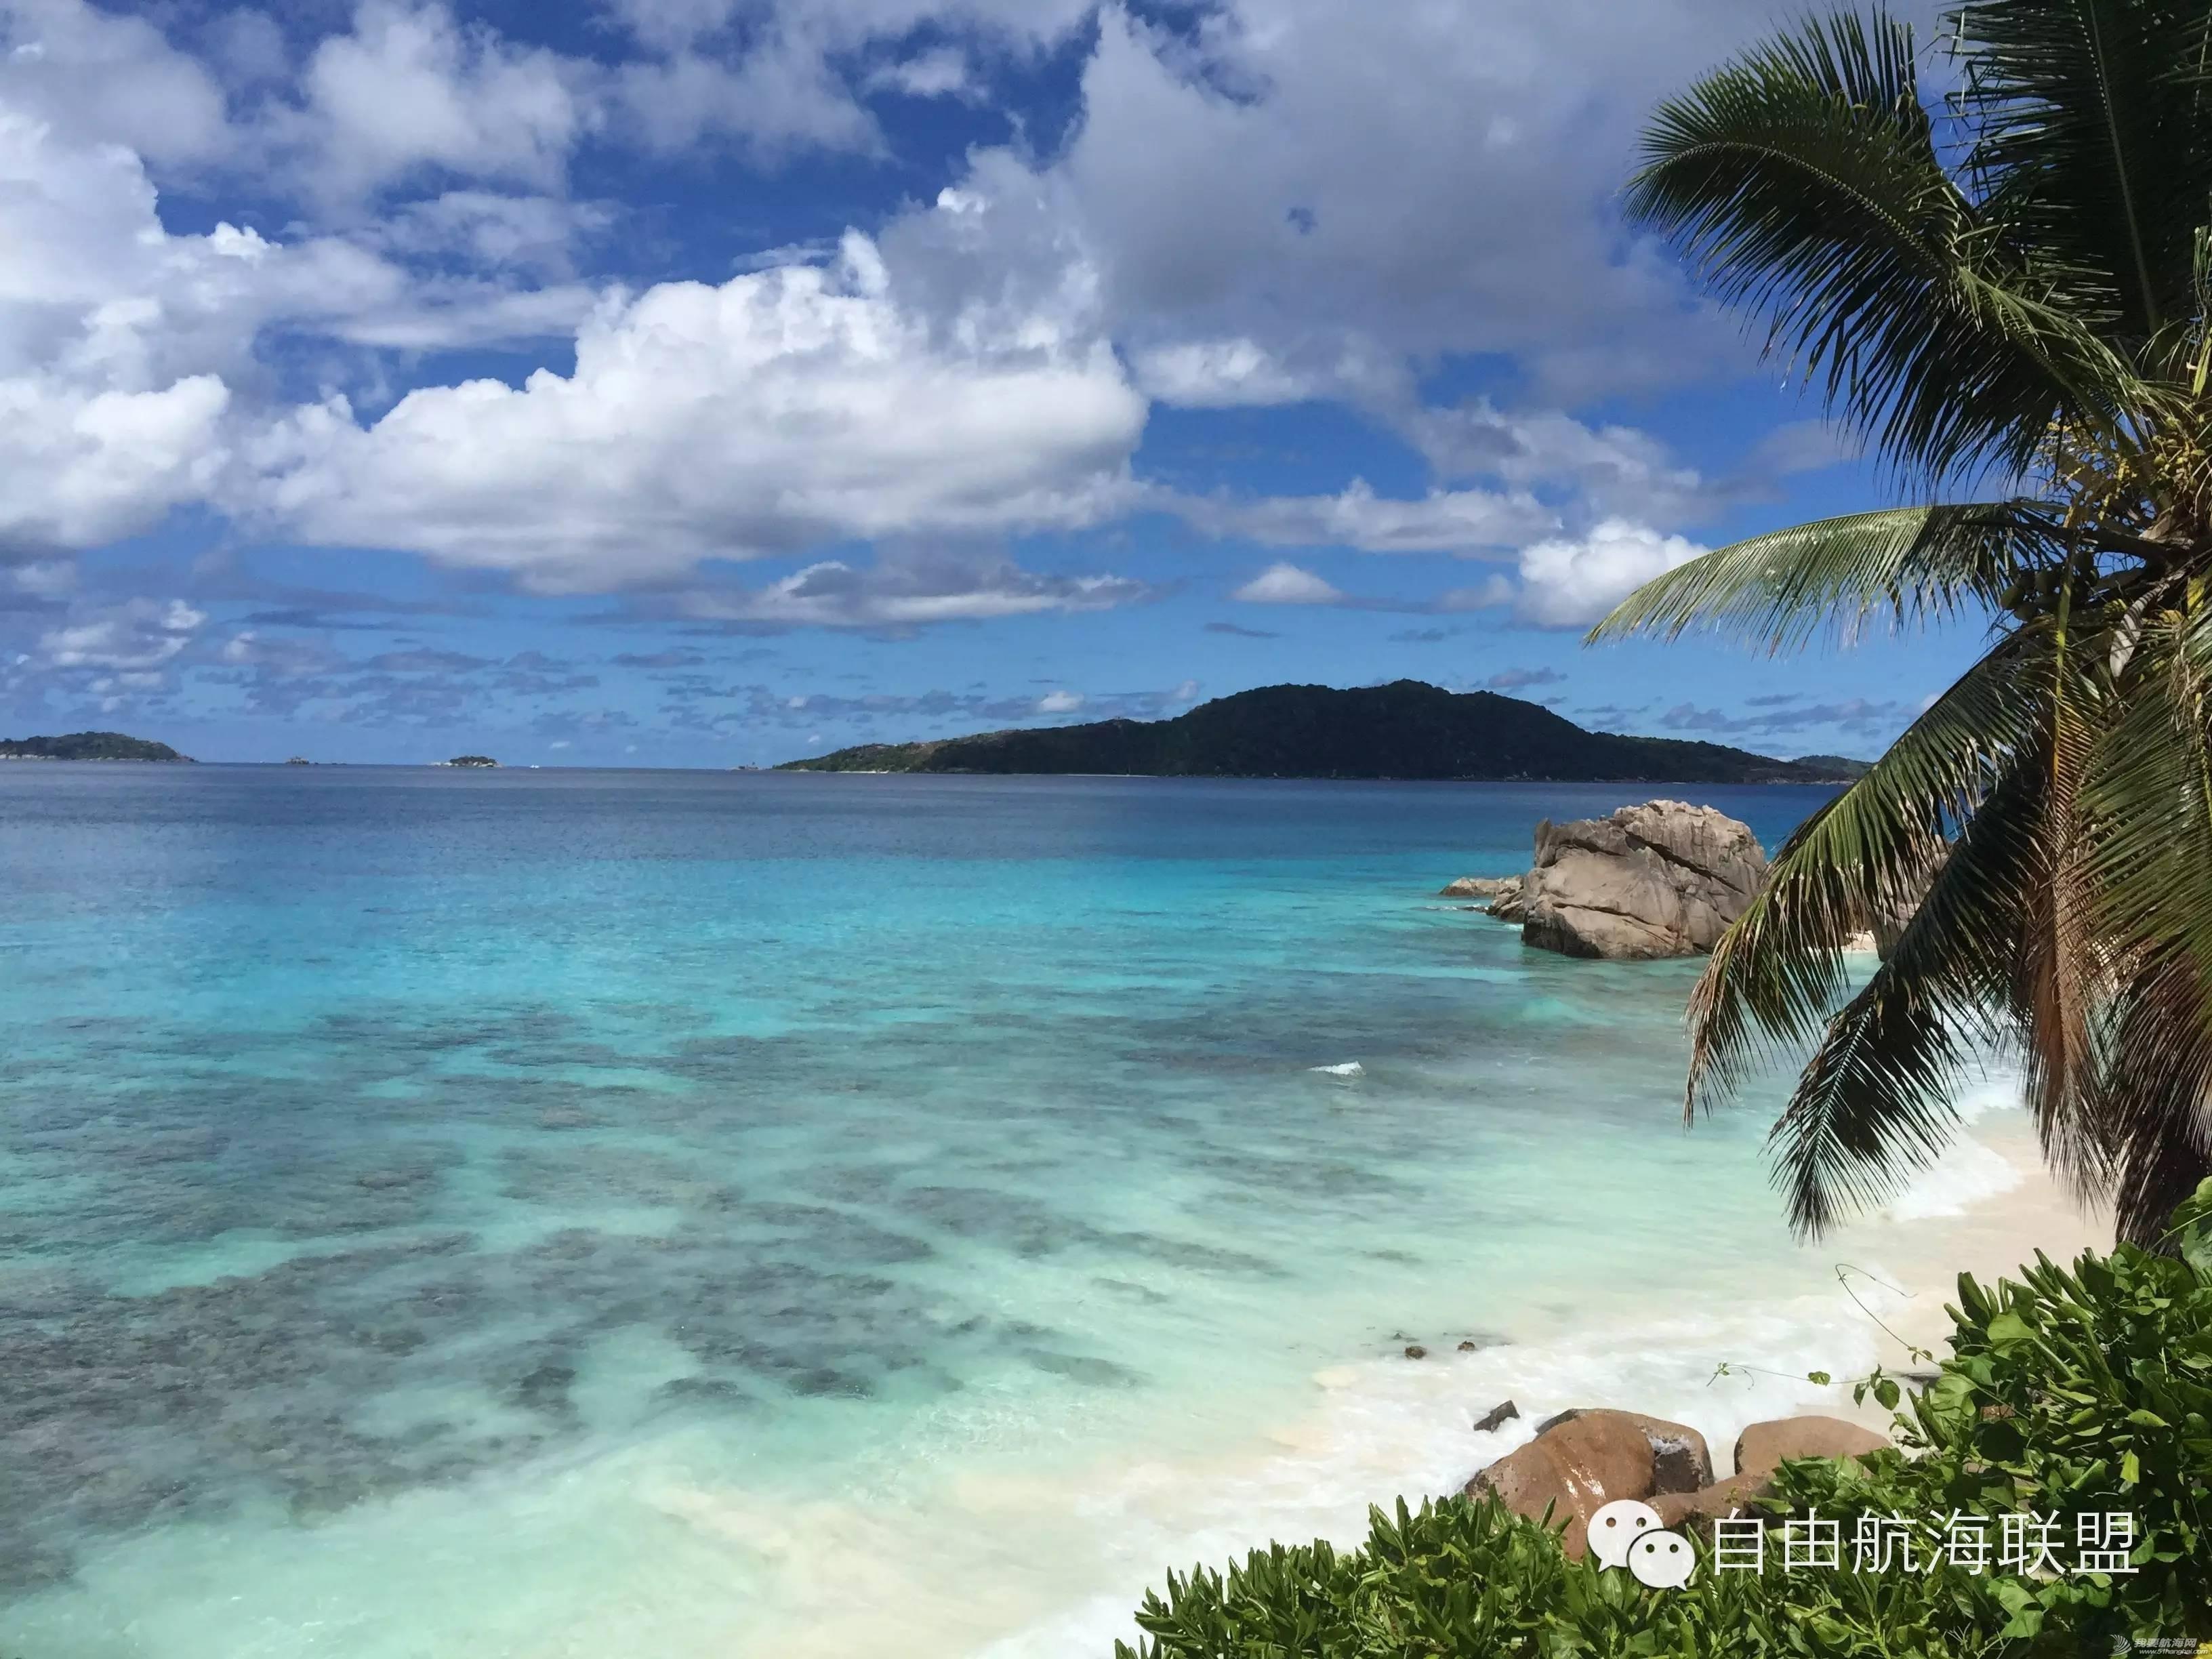 帆船,国际,海岛,驾照 绝美海岛帆旅and考取国际帆船驾照 d04761f6a289738908def4c8a657768c.jpg